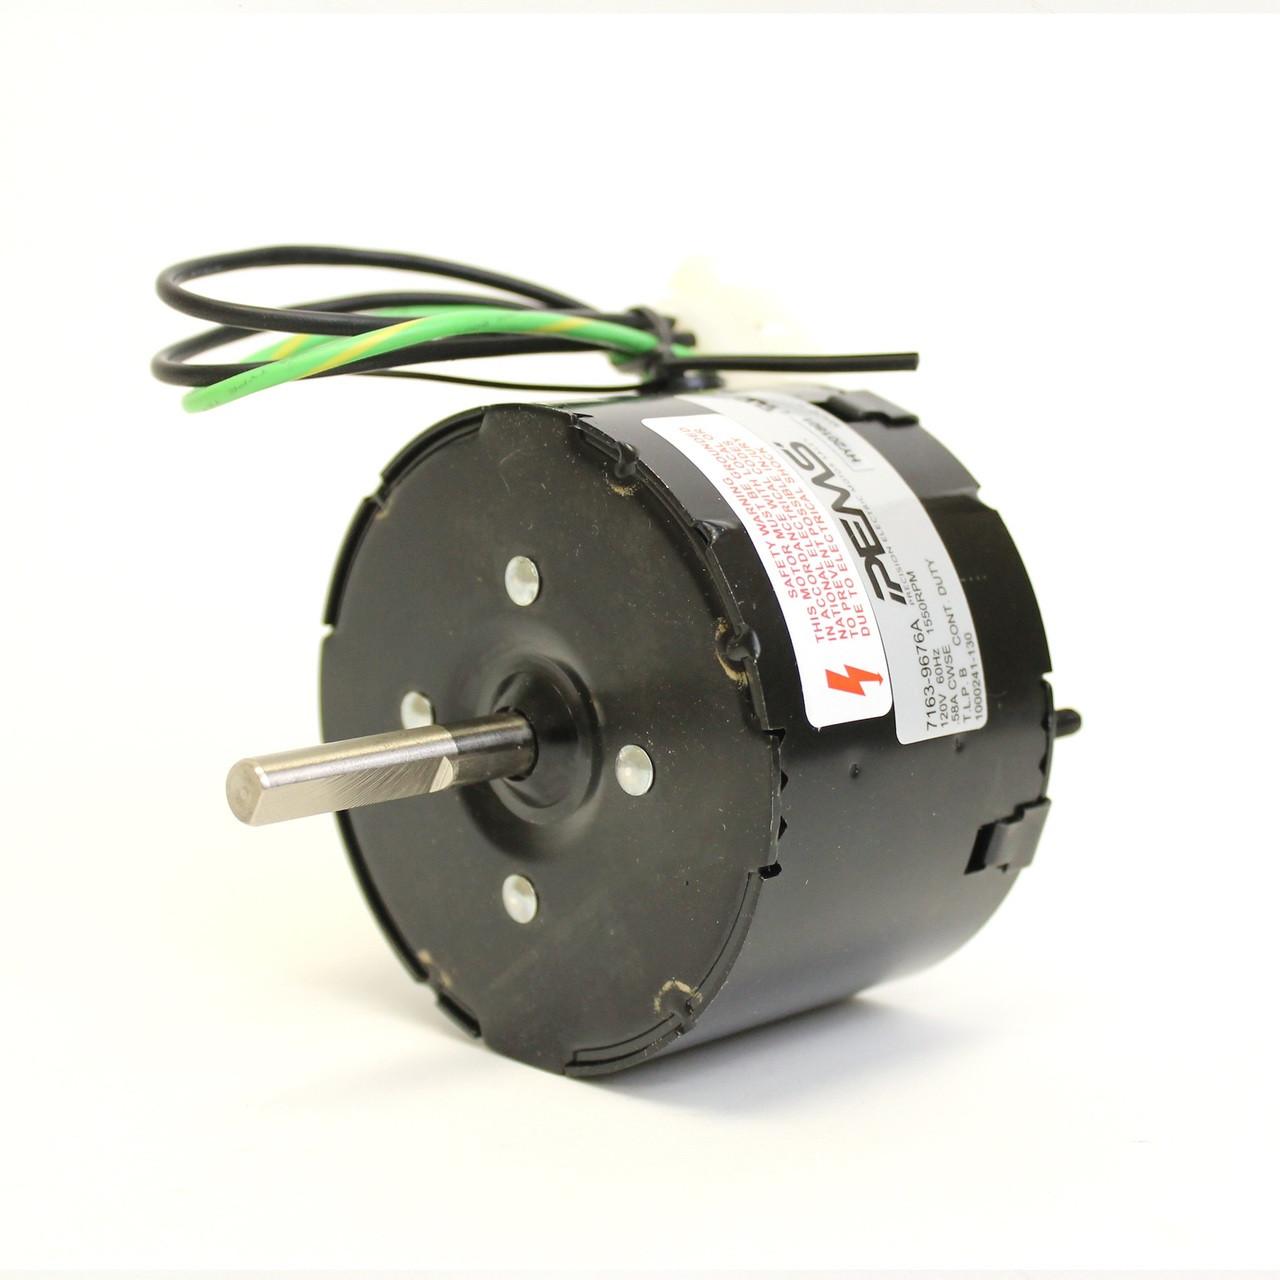 7163-9676a 1/100 hp 1550 rpm cw 3 3